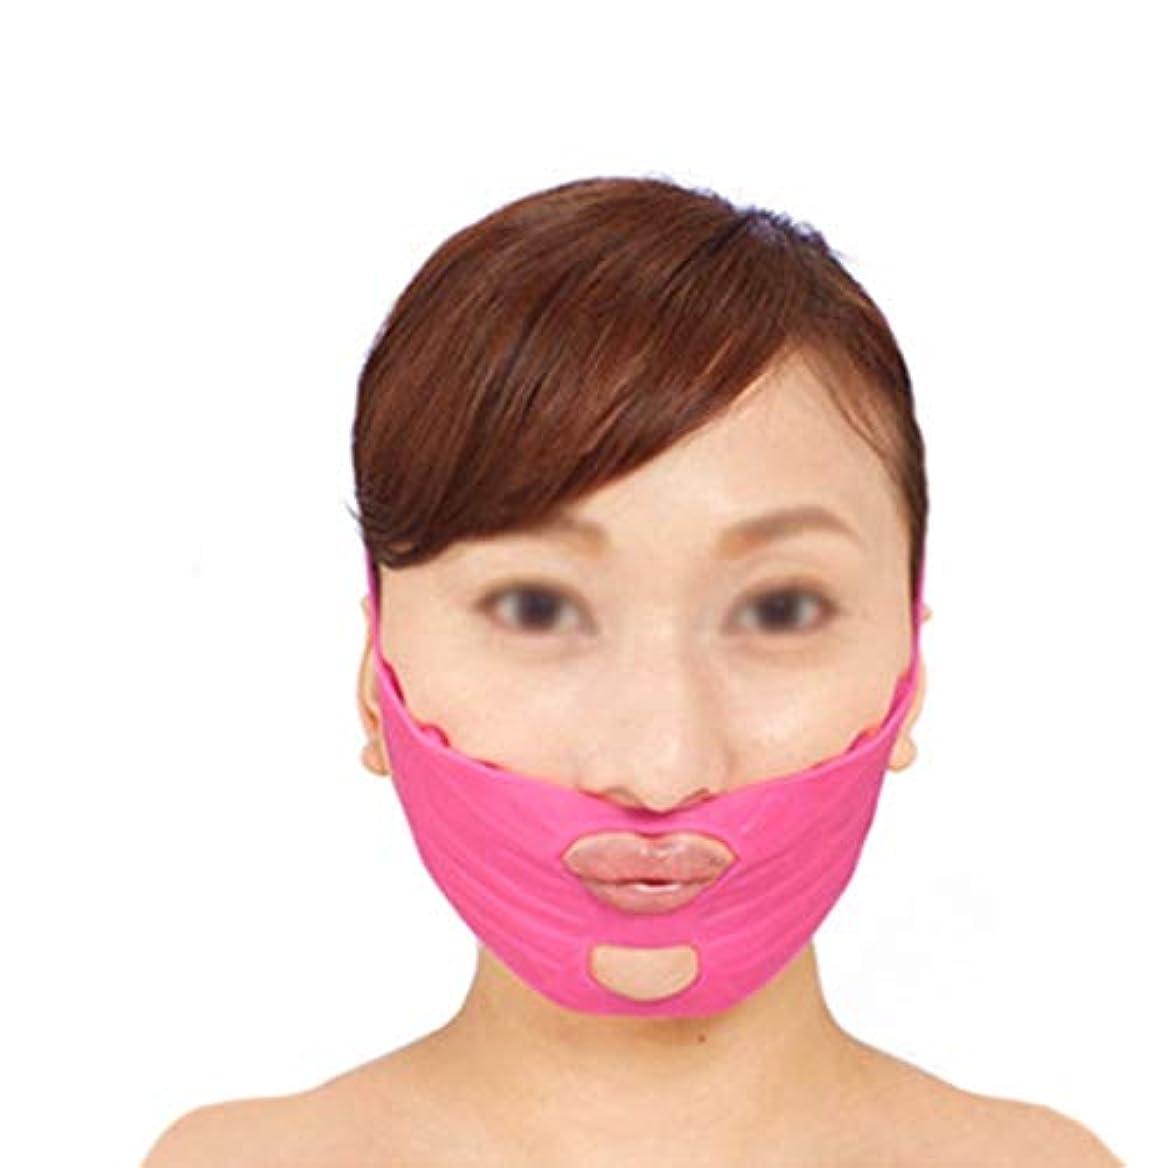 古代の配列彫刻フェイスストラップ付きマスク、プルアップフェイスマスク、フェイスリフティングマスク、フェイス締め付け包帯、フェイスリフティング包帯、フェイスバンドを持ち上げて二重あごを減らす(ピンク、ワンサイズ)